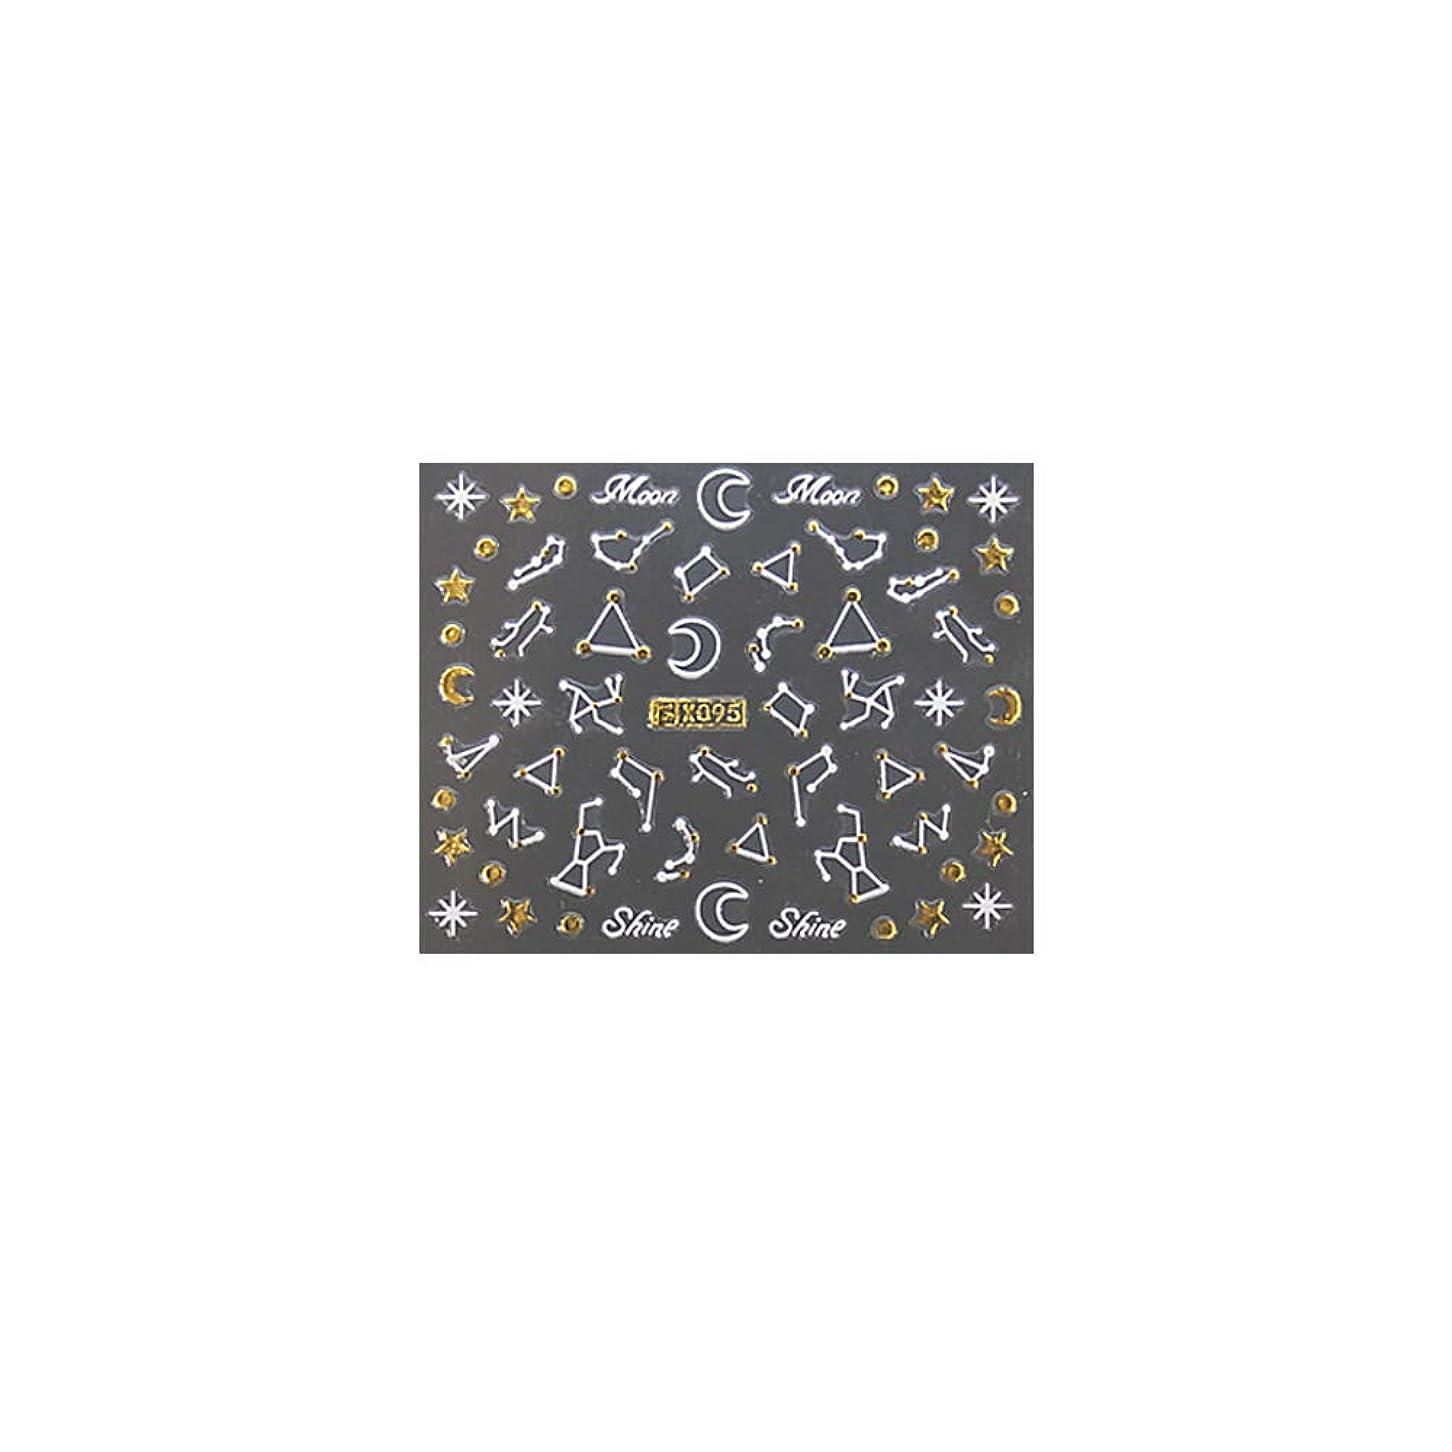 無効パースブラックボロウ倒錯irogel イロジェル ネイルアート ネイルシール 星座シール【X095】